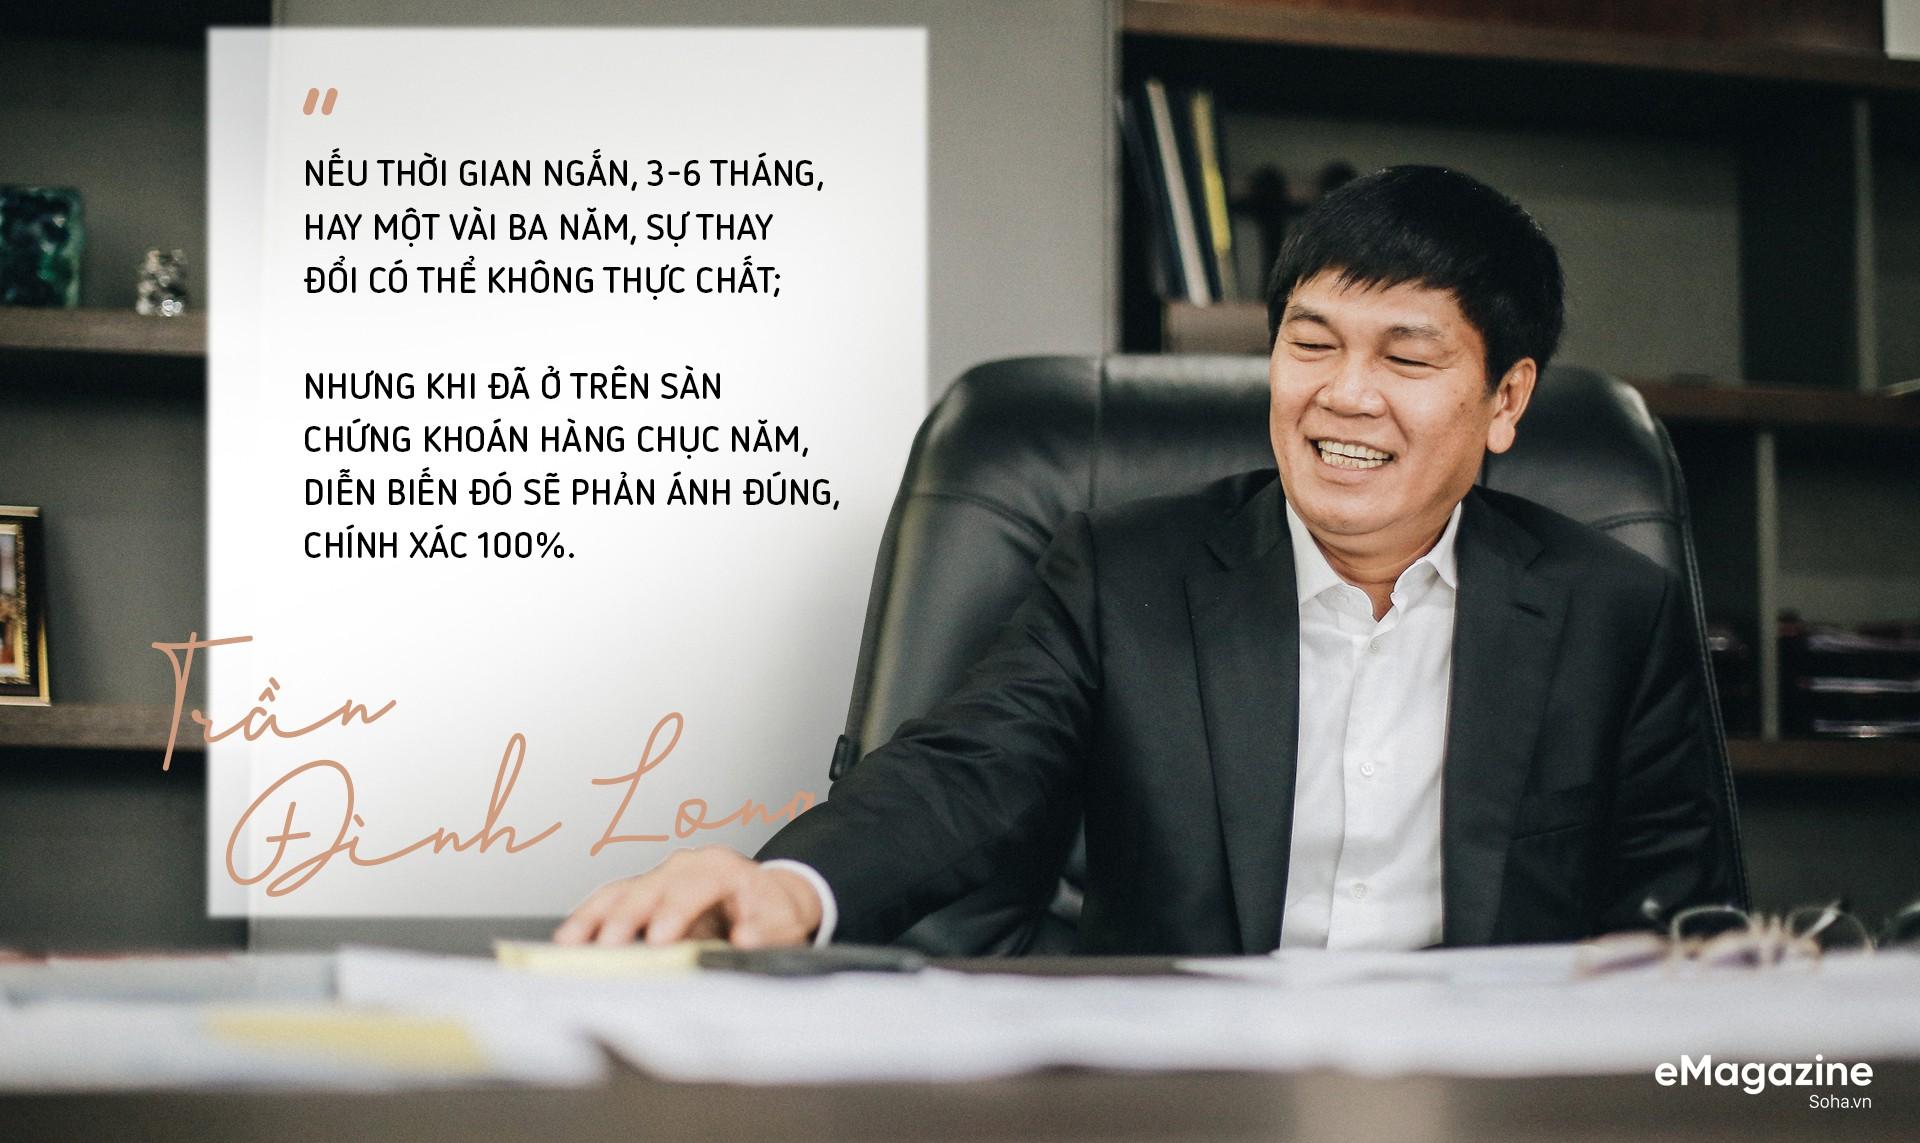 """Chủ tịch Hoà Phát Trần Đình Long: """"Là tỷ phú, tôi vẫn chỉ làm điều mình thích thôi!"""" - Ảnh 10."""